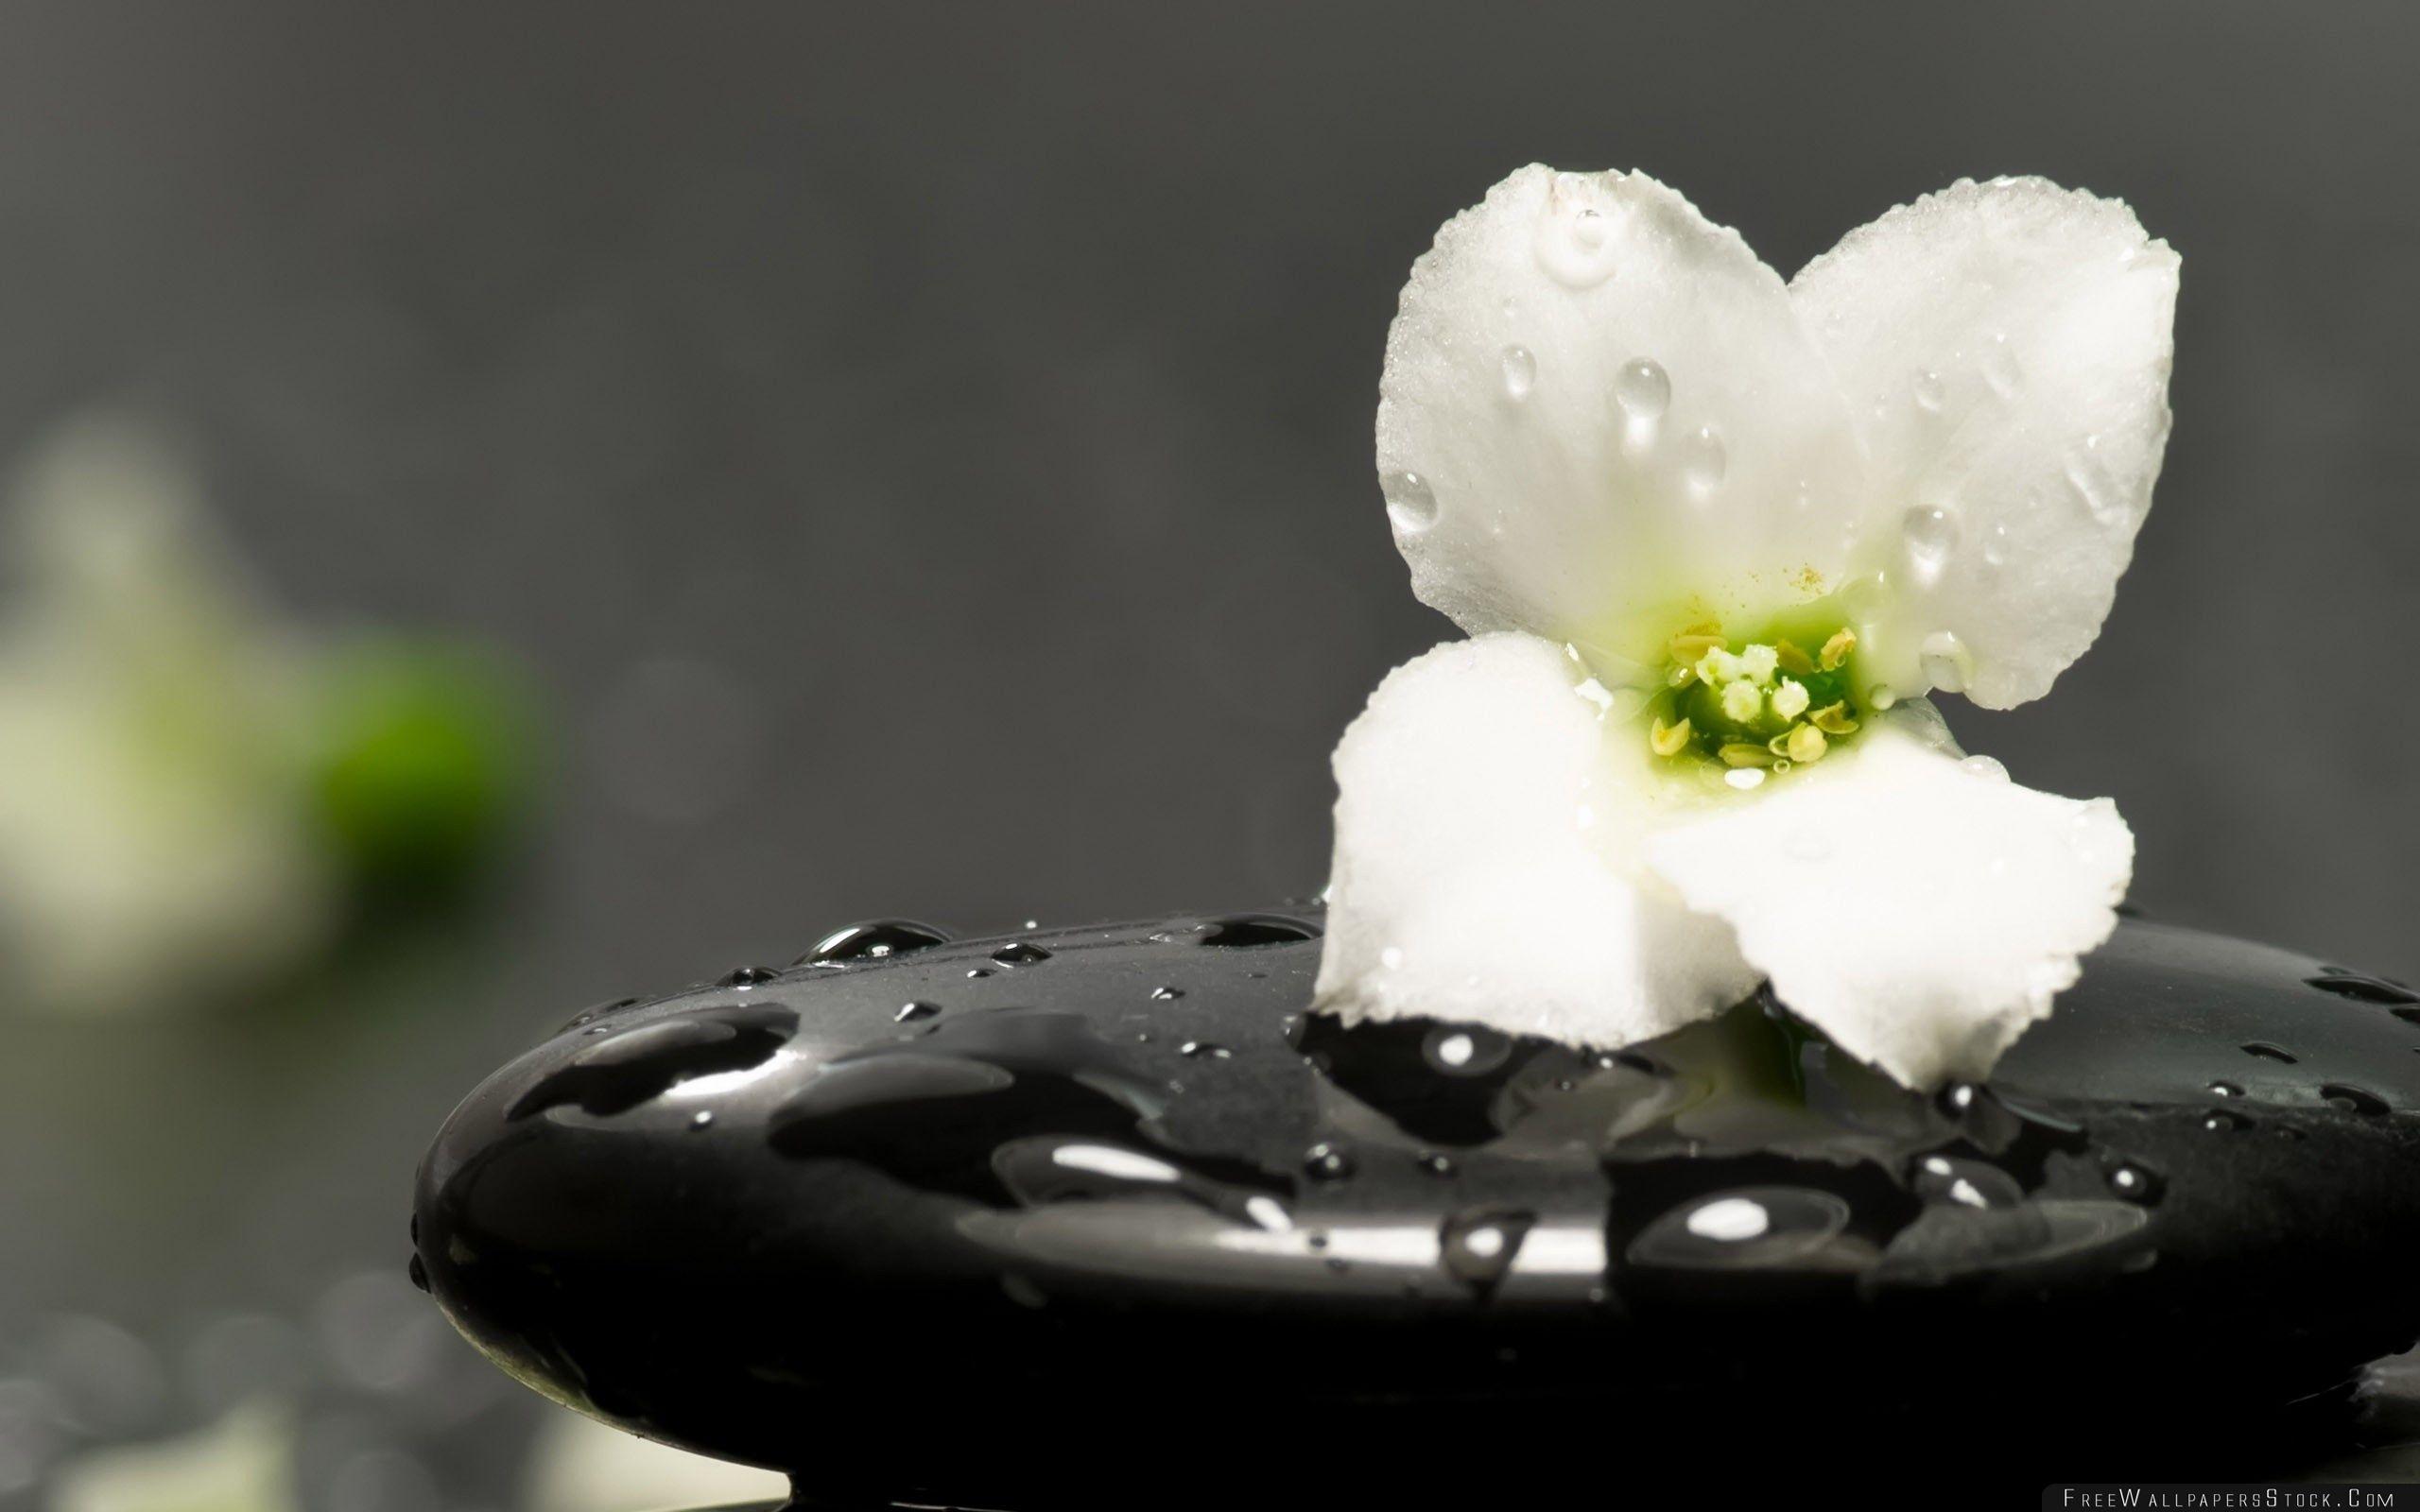 Download Free Wallpaper Zen Stones And Flower